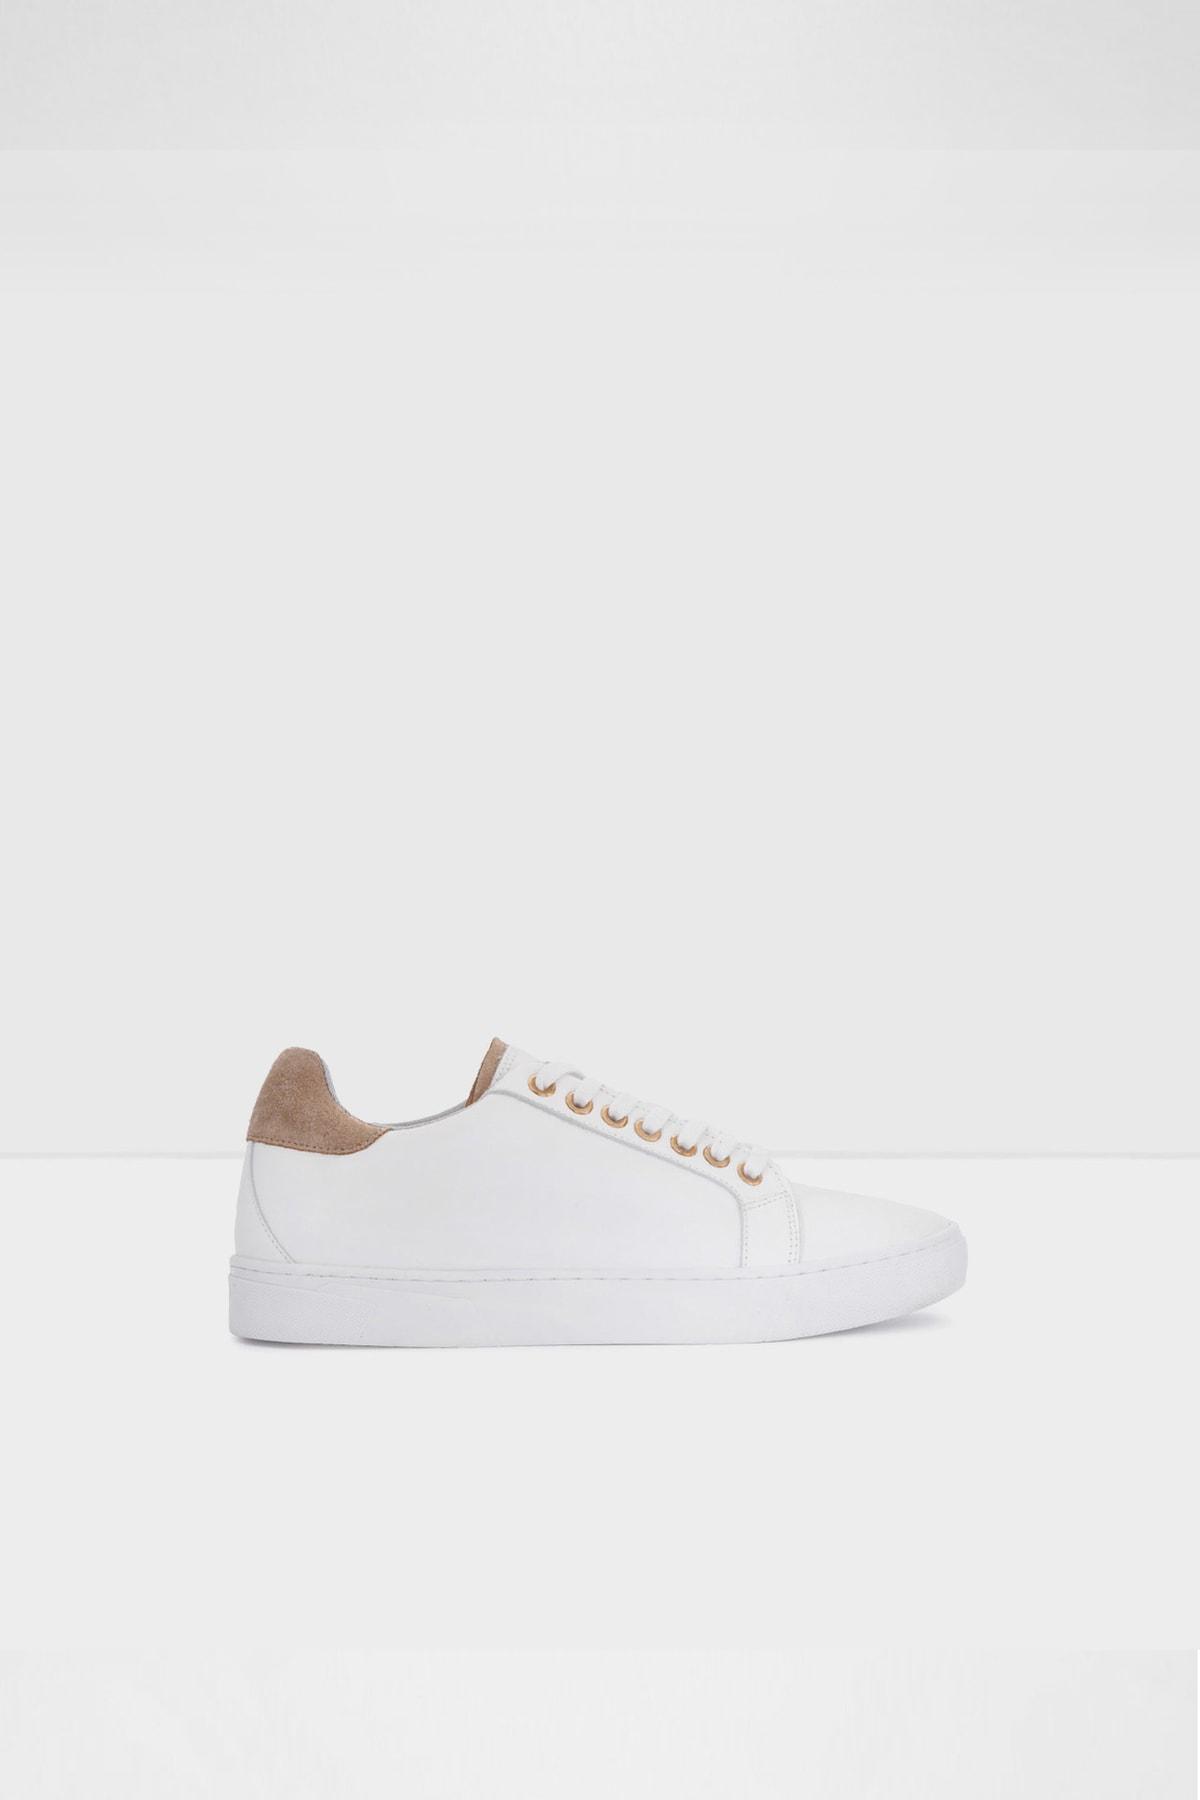 Aldo Marbella-tr - Beyaz Kadın Sneaker 1